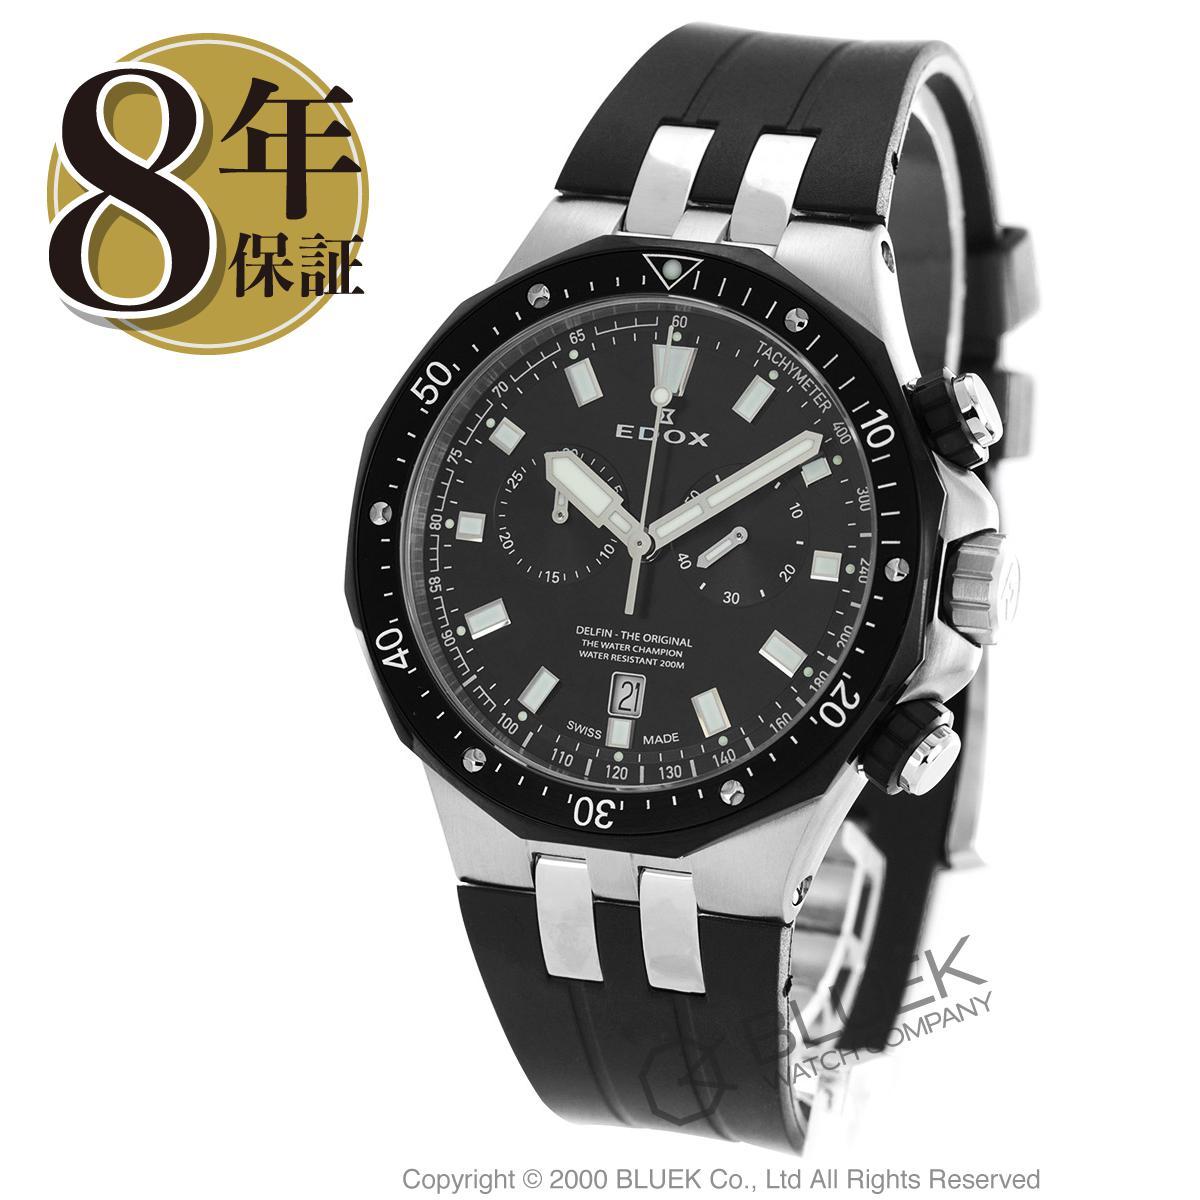 【最大3万円割引クーポン 11/01~】エドックス デルフィン クロノグラフ 腕時計 メンズ EDOX 10109-357NCA-NIN_8